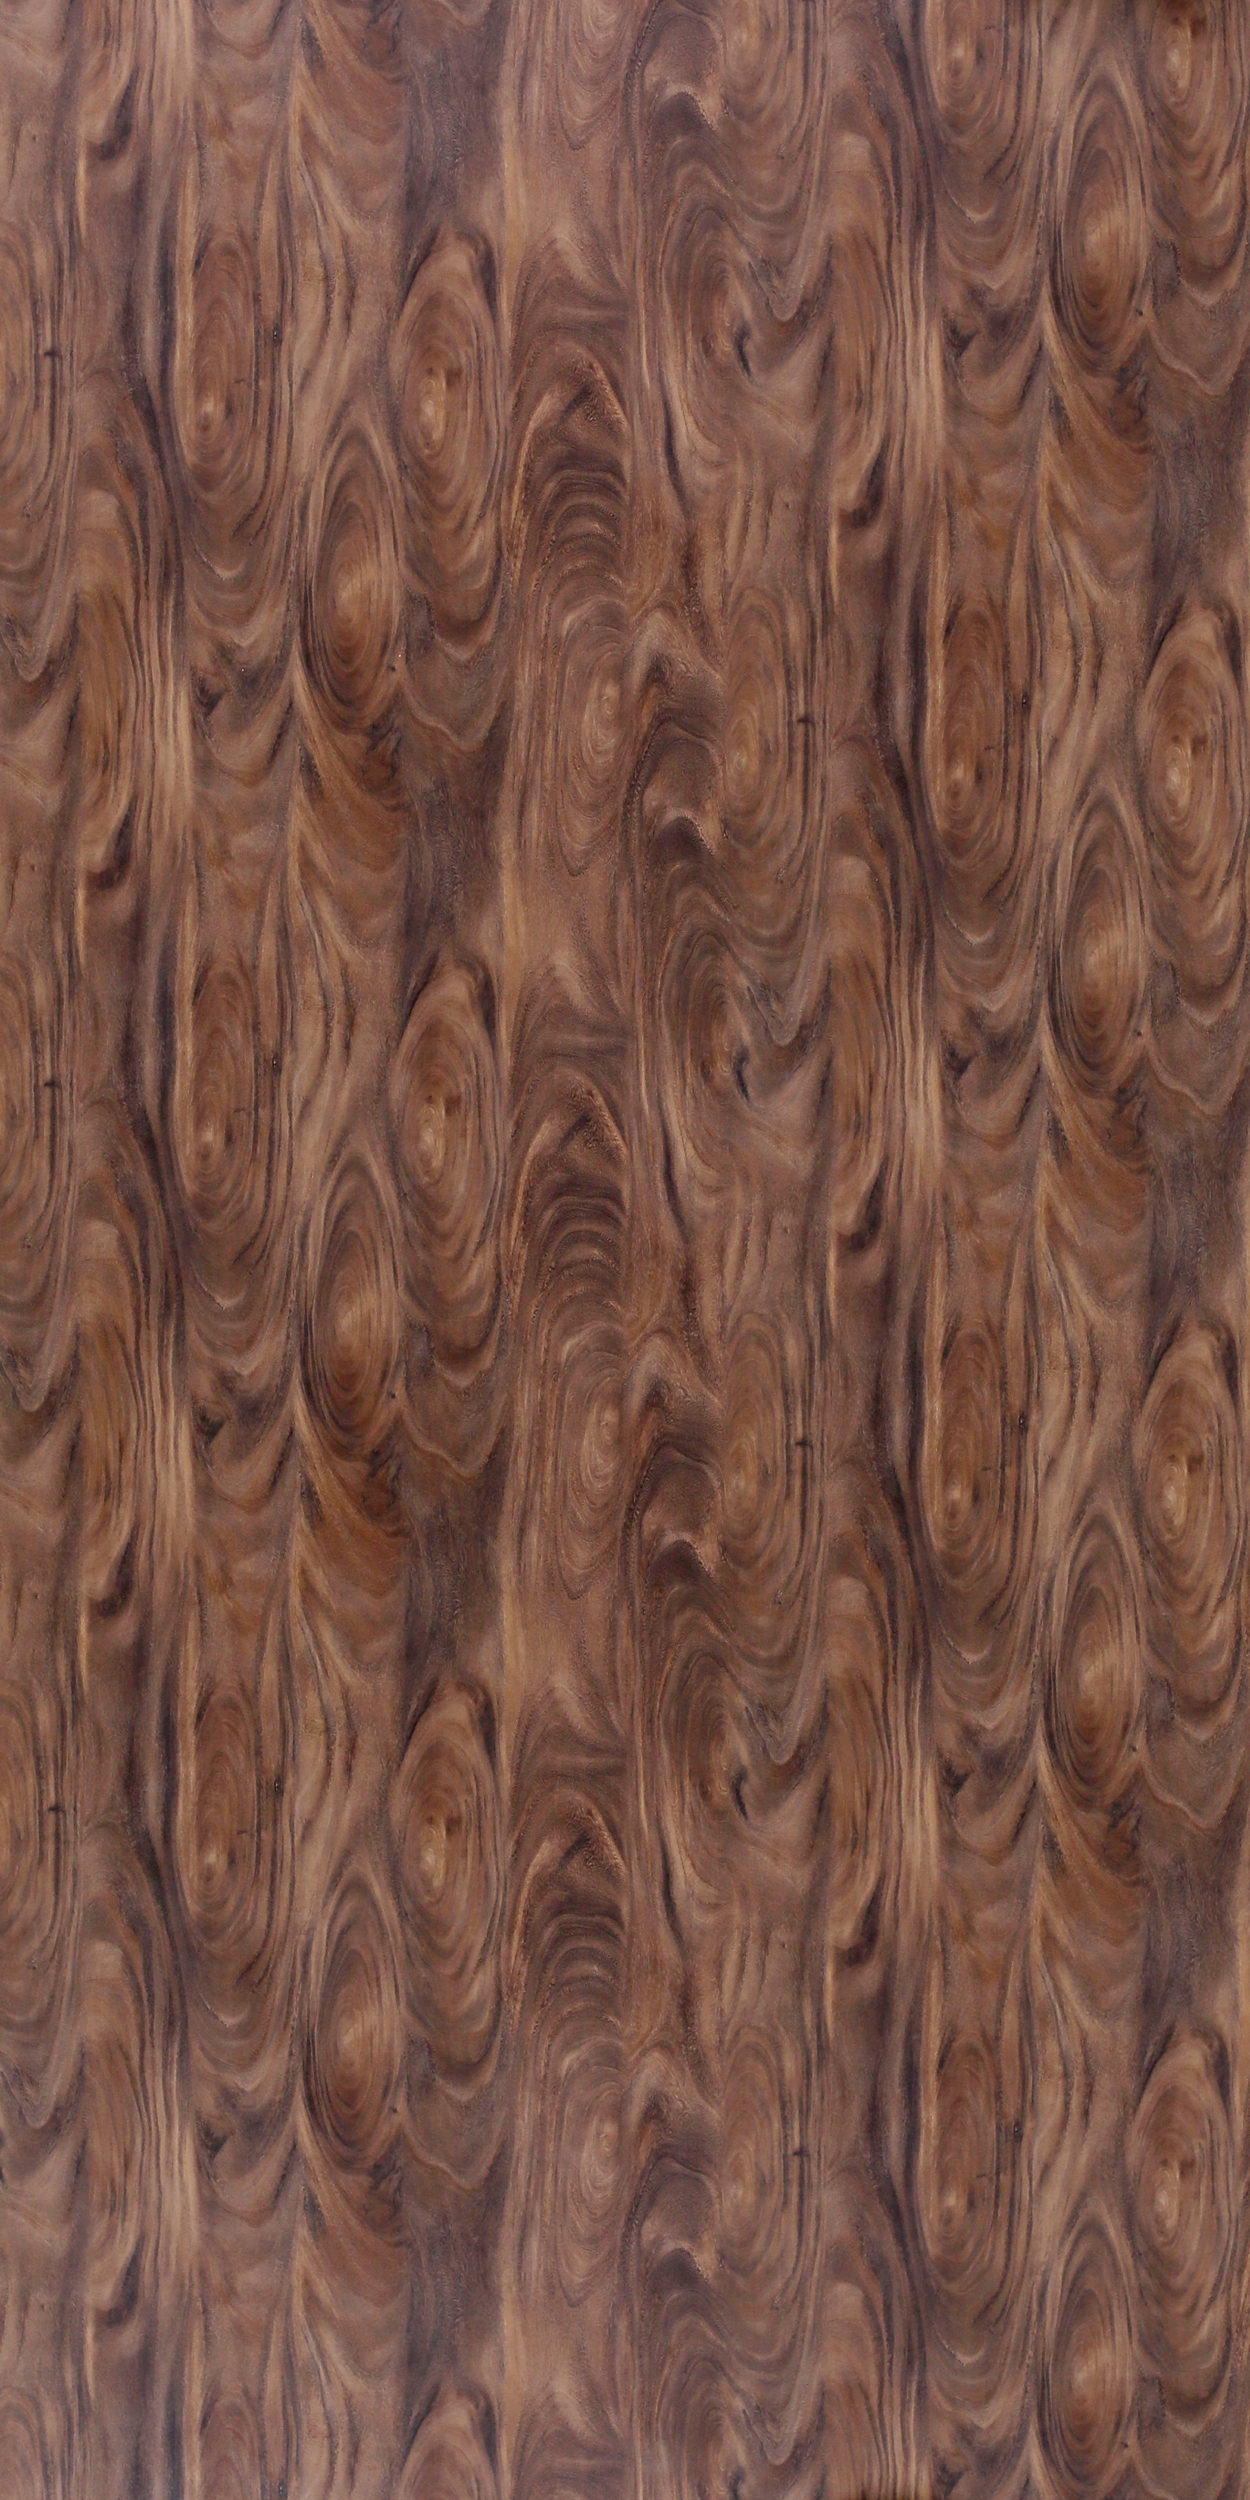 604 SF Flat Cut Walnut